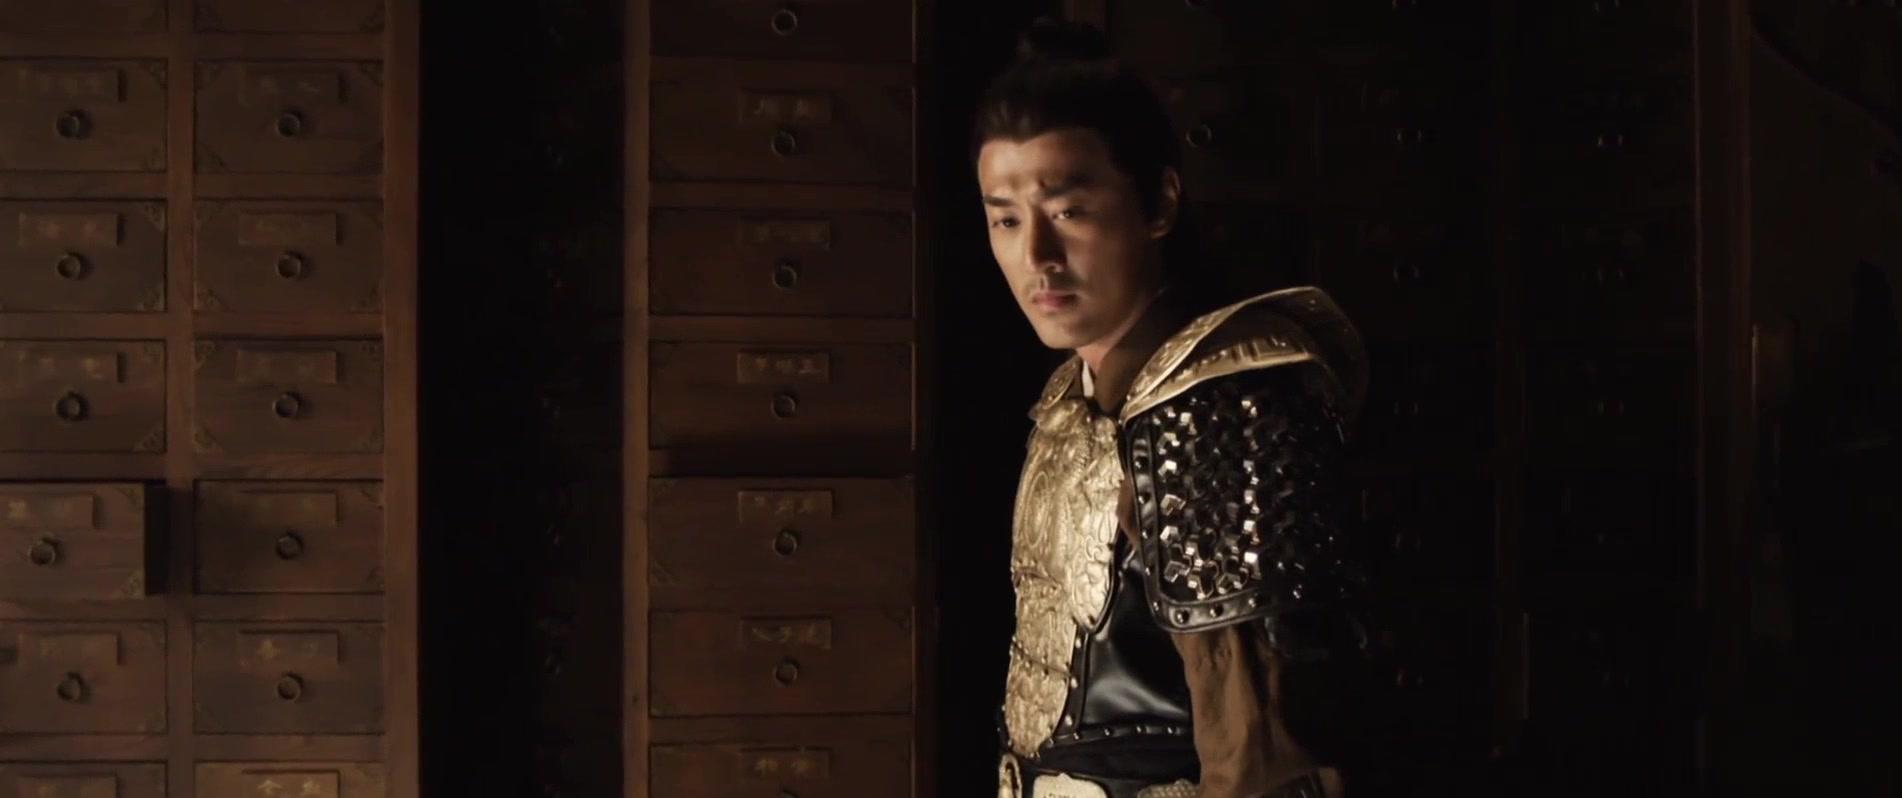 忠烈杨家将:父亲被困战场,儿子们全体出动救父回家,父子情深!